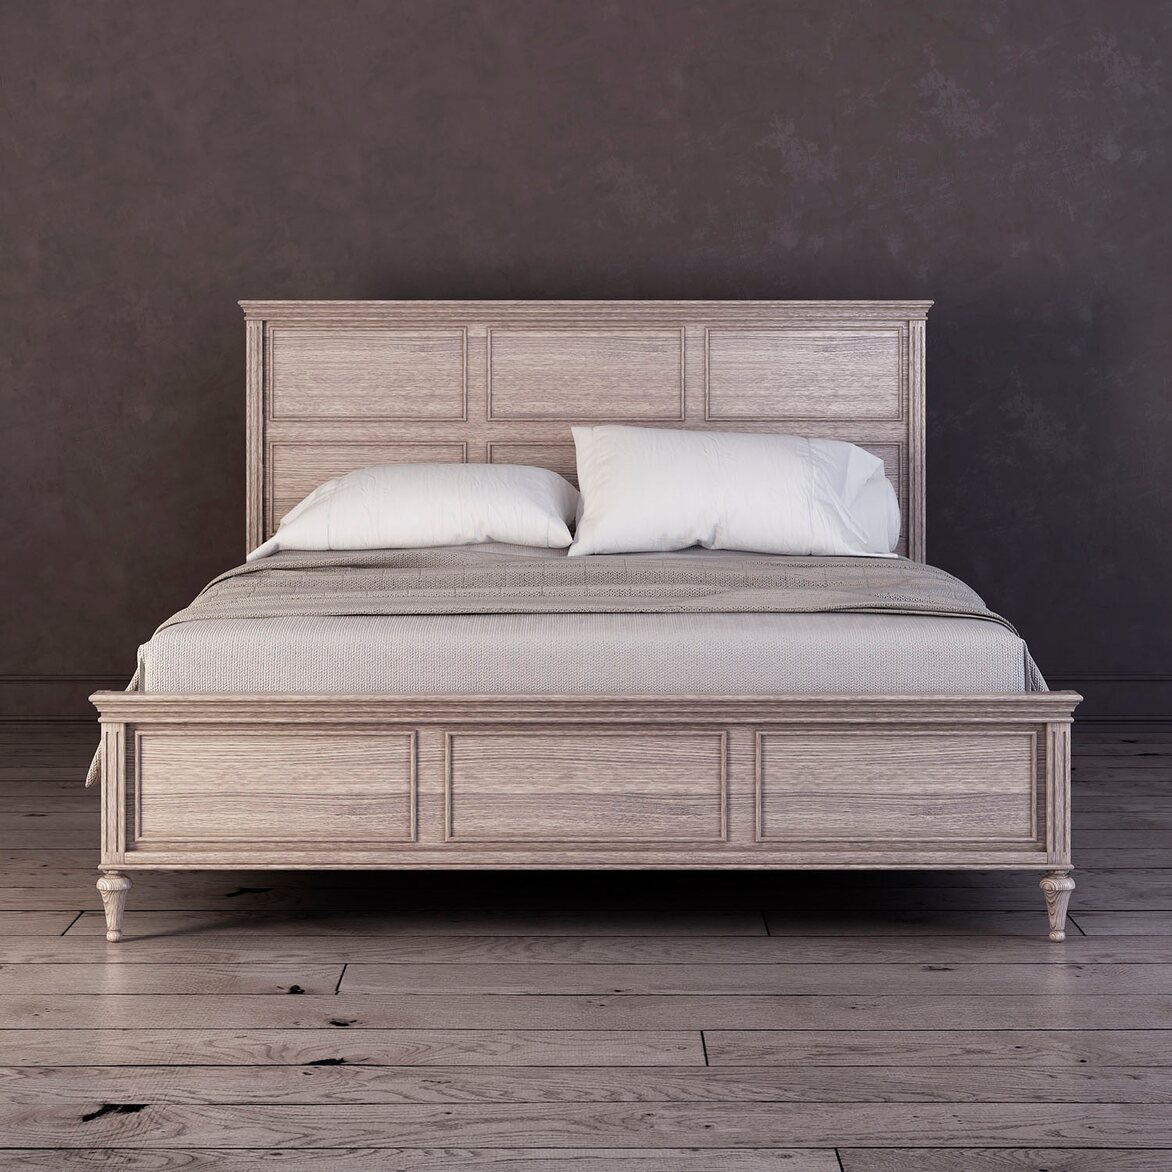 Кровать 160*200 Riverdi, светлый дуб | Двуспальные кровати Kingsby